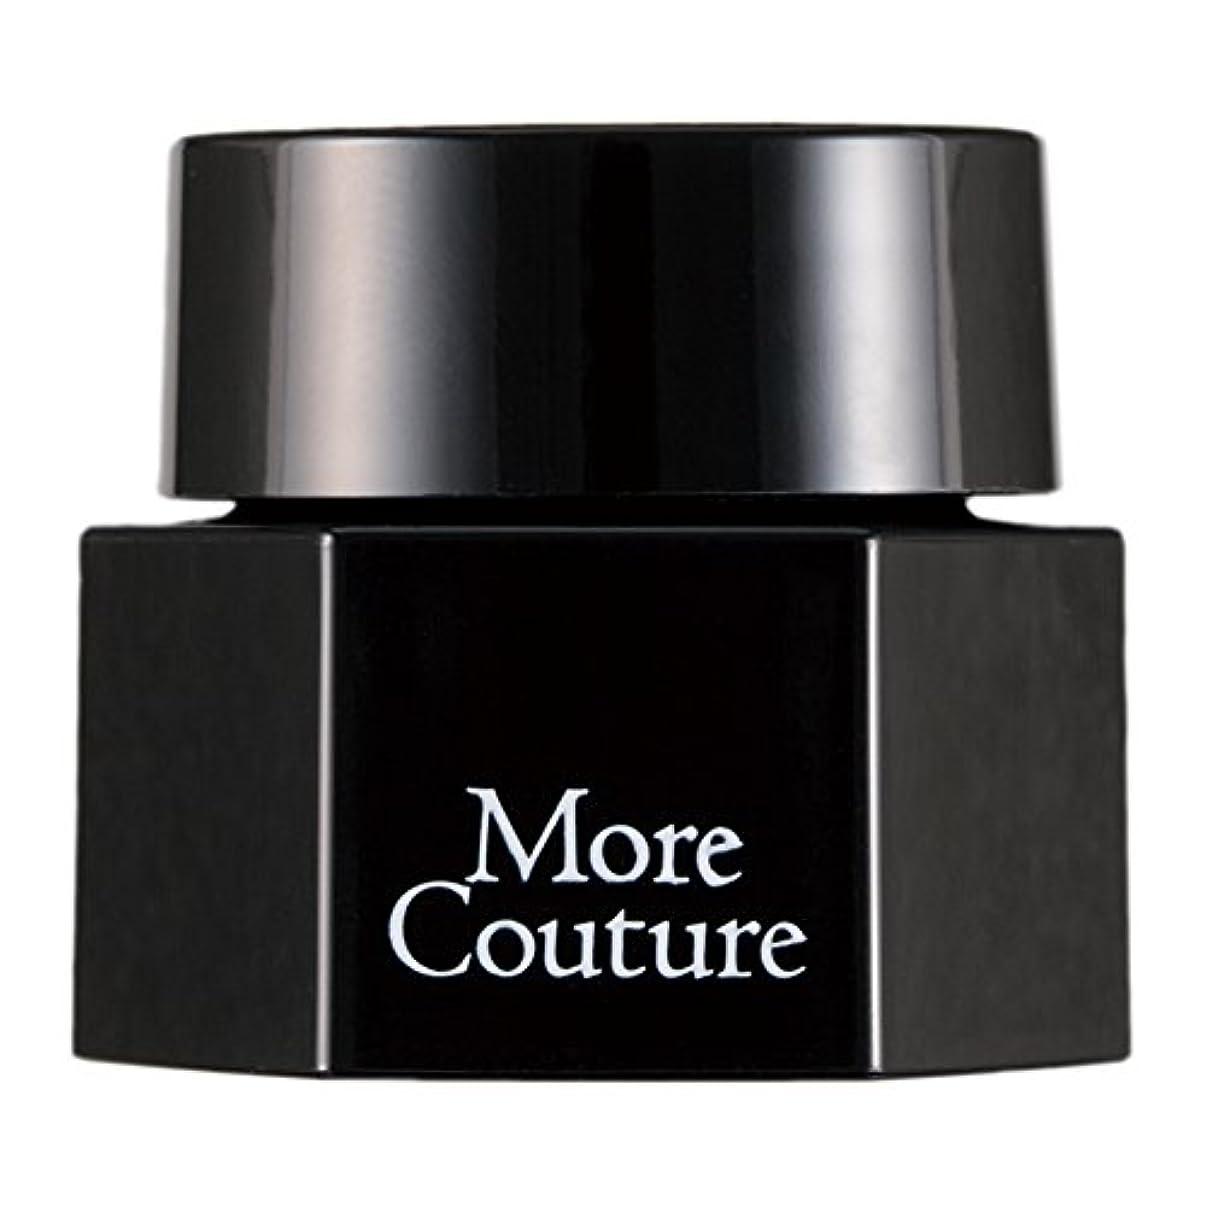 暴露寛容な証言するMore Couture カラージェル 306 フレンチバニラ 5g UV/LED対応